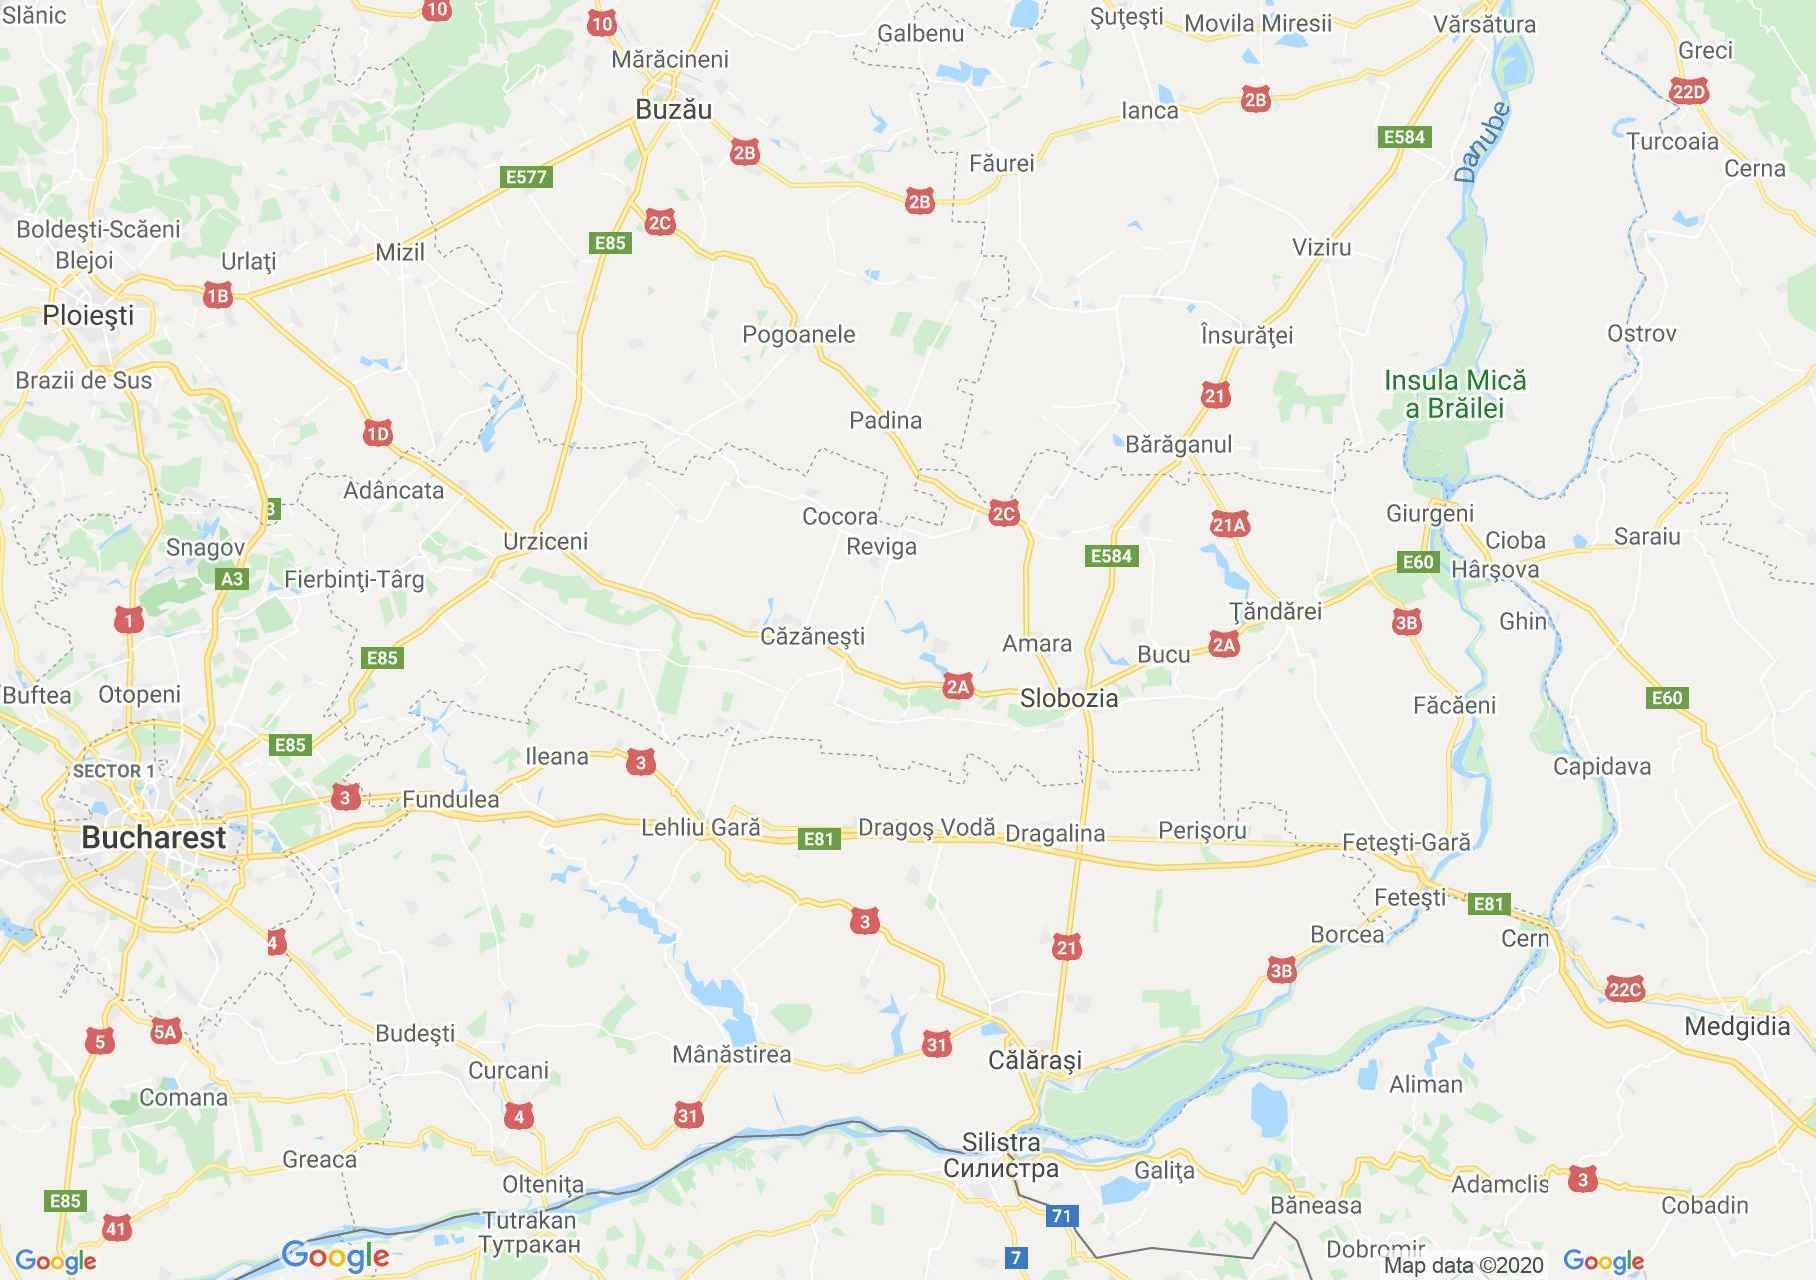 Judeţul Ialomiţa: (Slobozia), Harta turistică interactivă